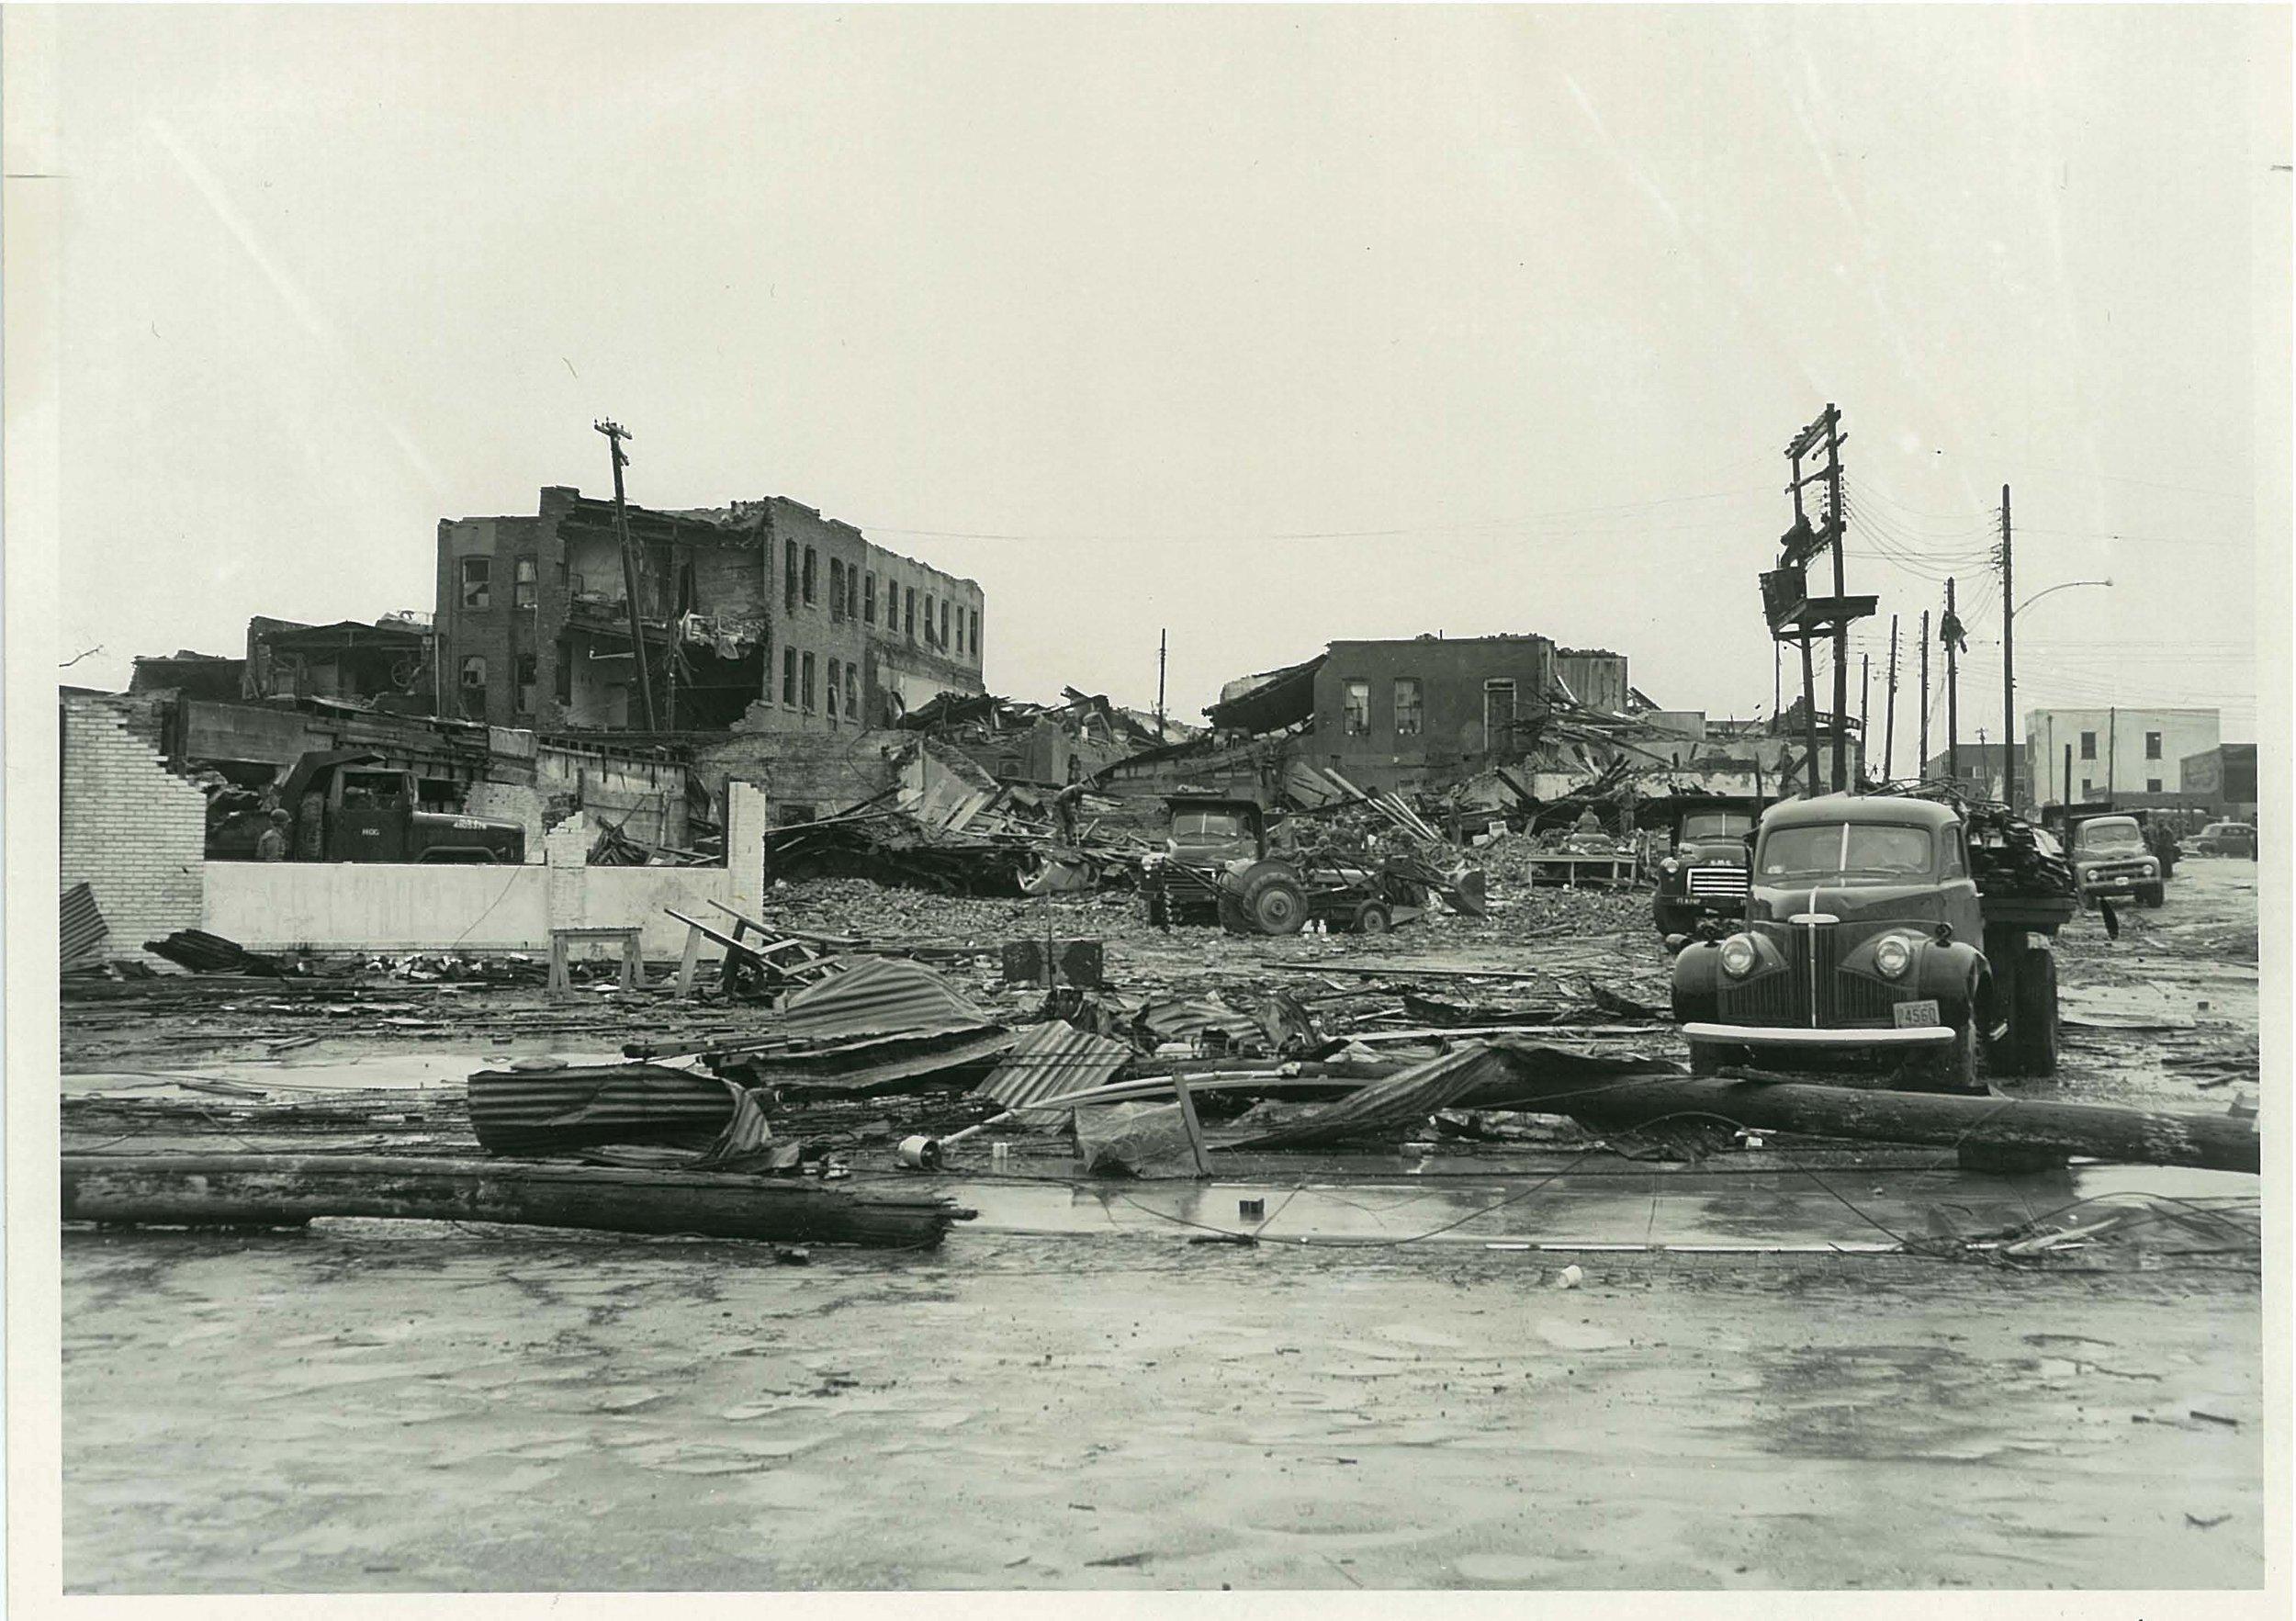 4_Waco Tornado.jpg